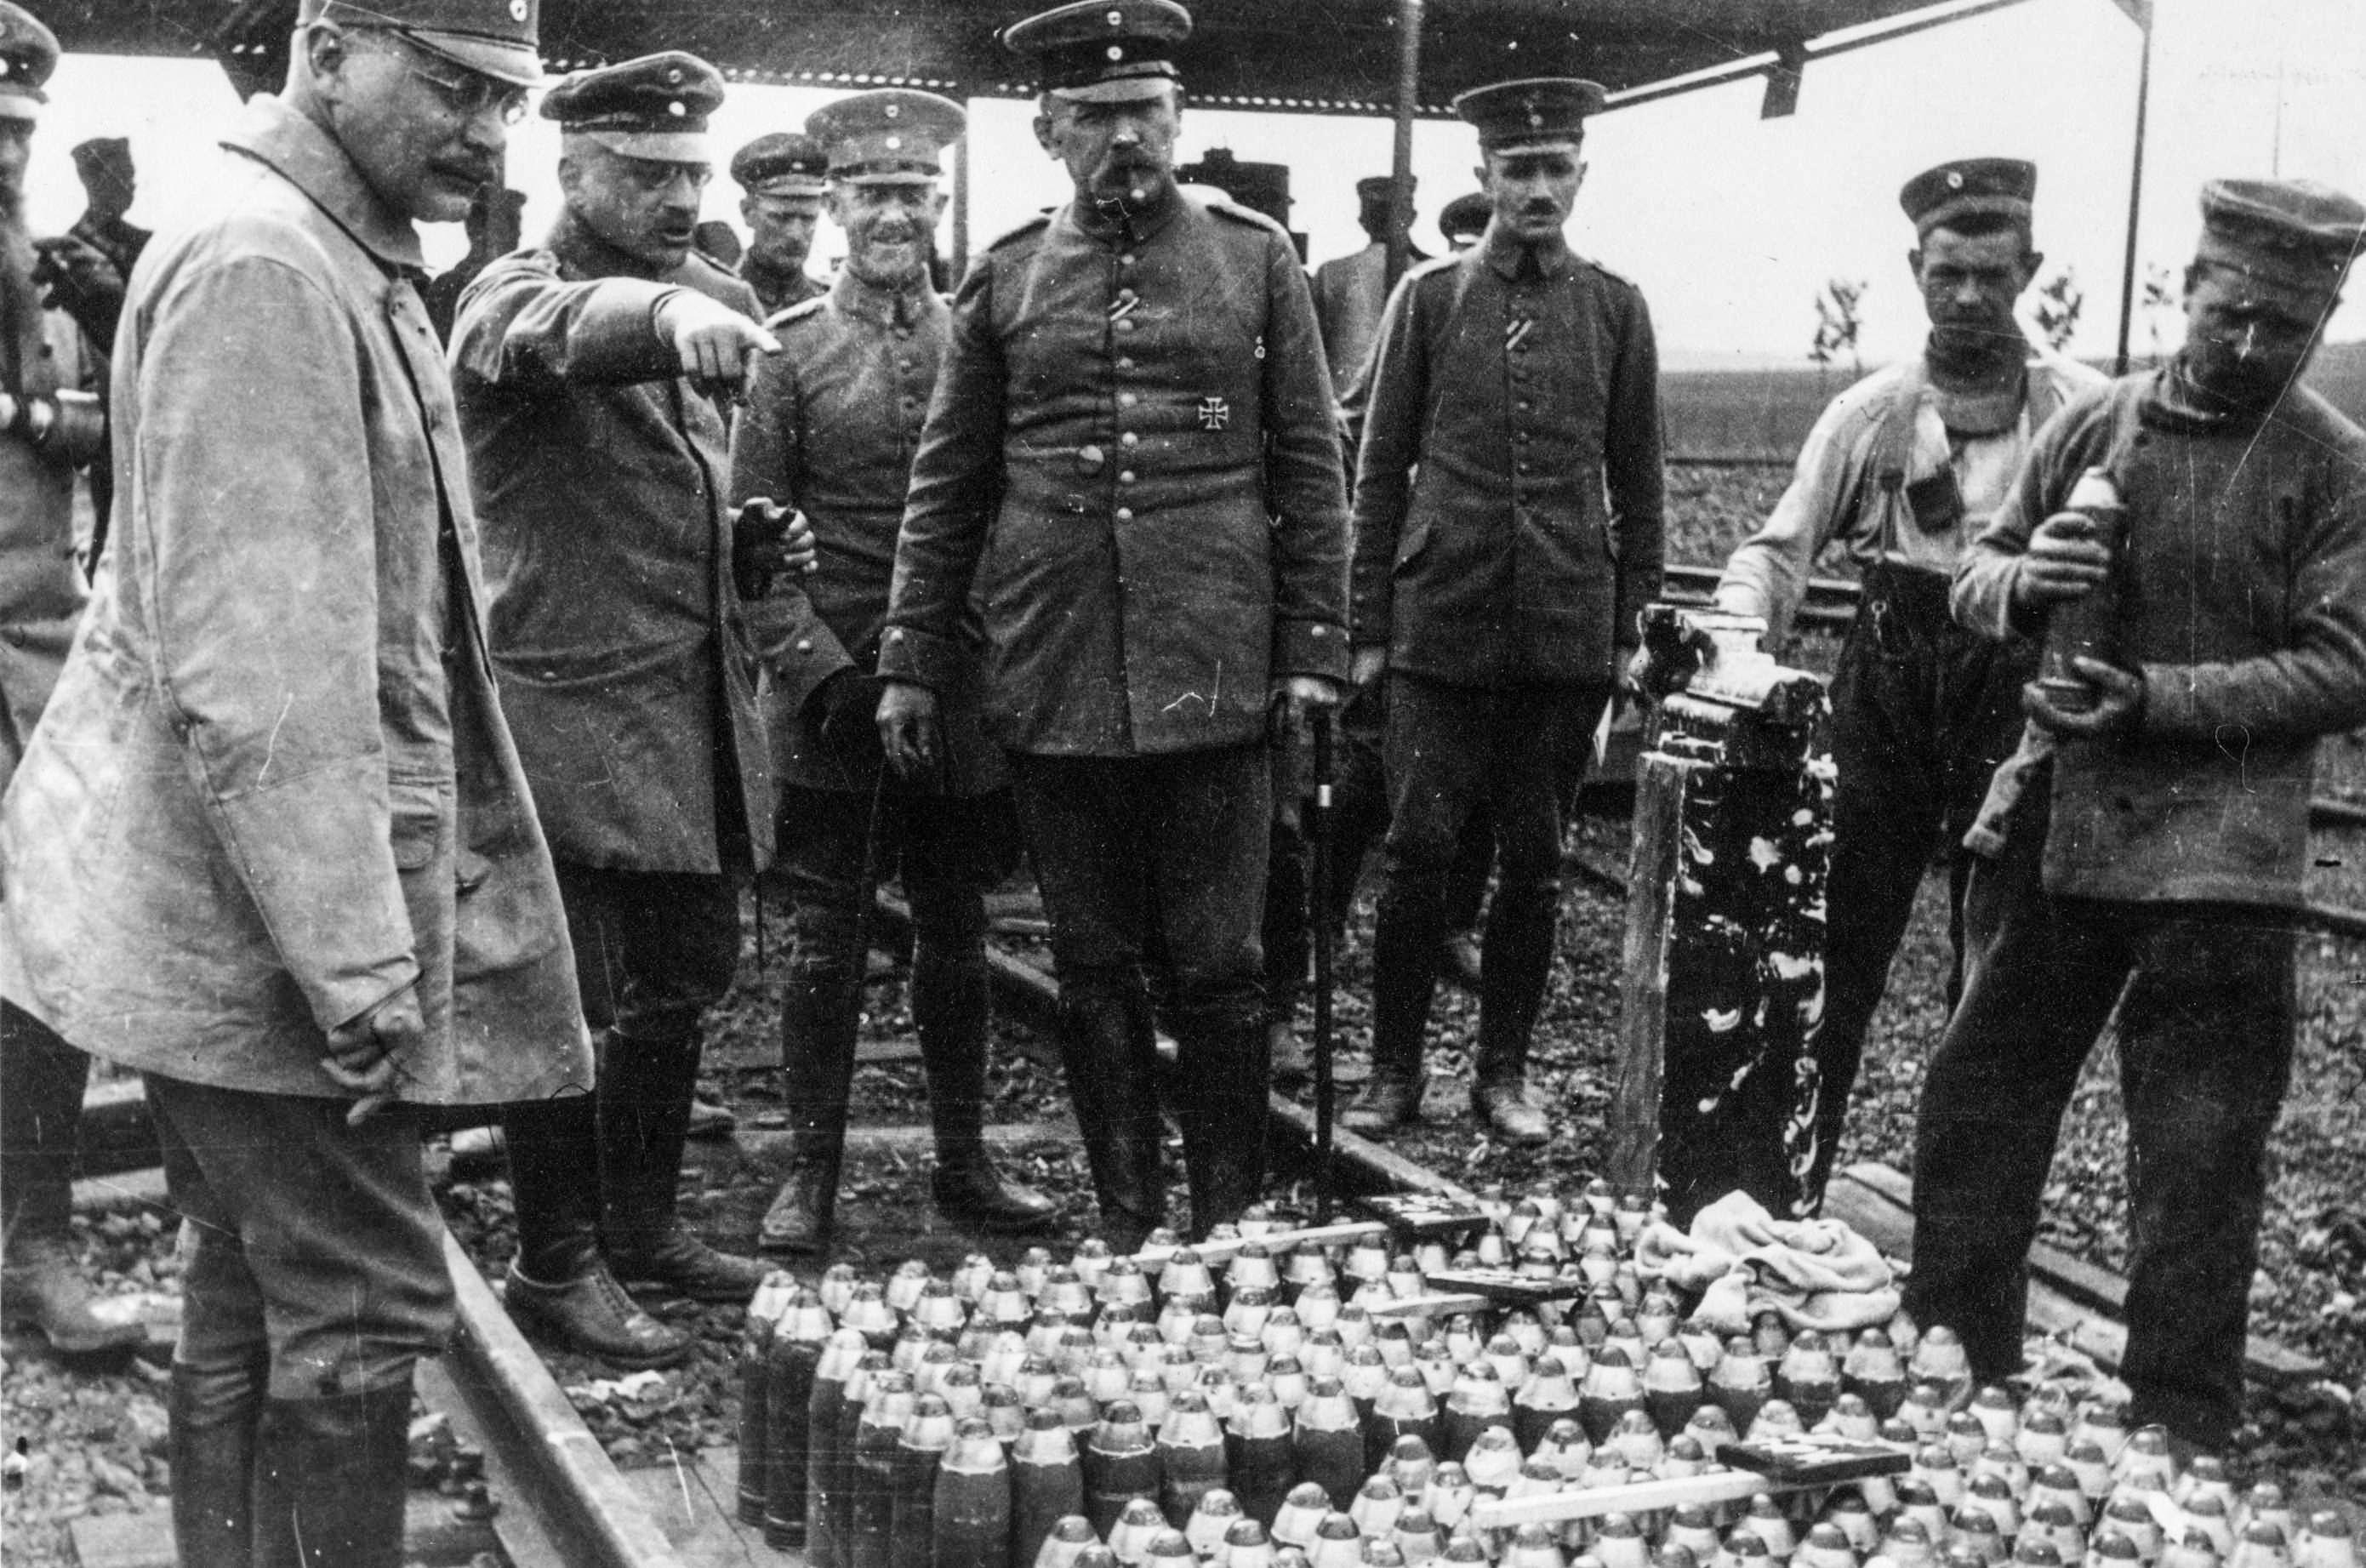 哈柏(舉手)指導士兵有關使用氯氣。 圖片來源: Archiv der Max-Planck-Gesellschaft, Berlin